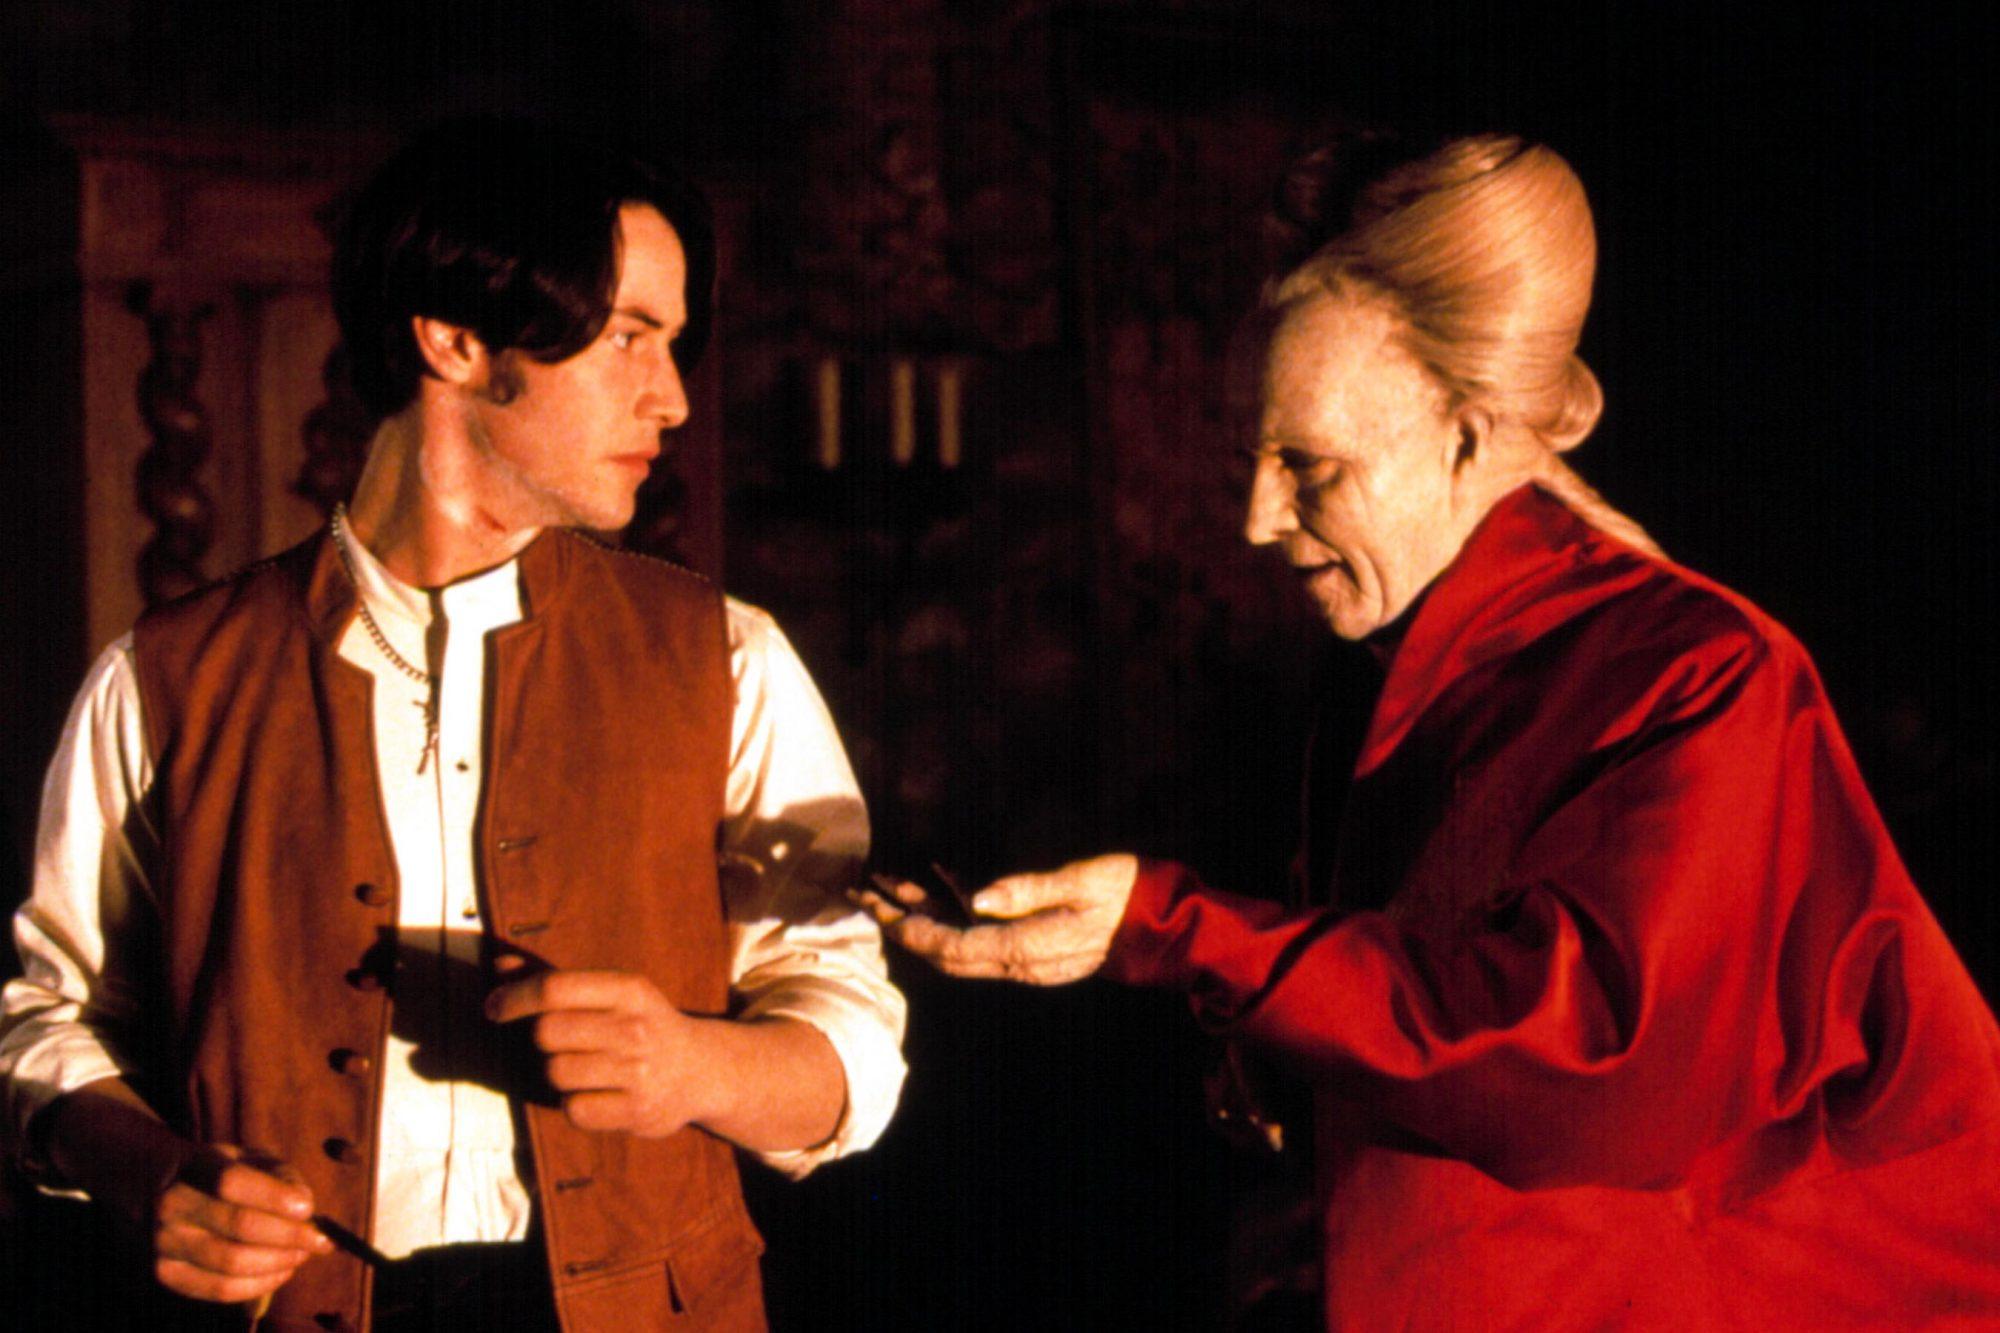 BRAM STOKER'S DRACULA, Keanu Reeves, Gary Oldman, 1992